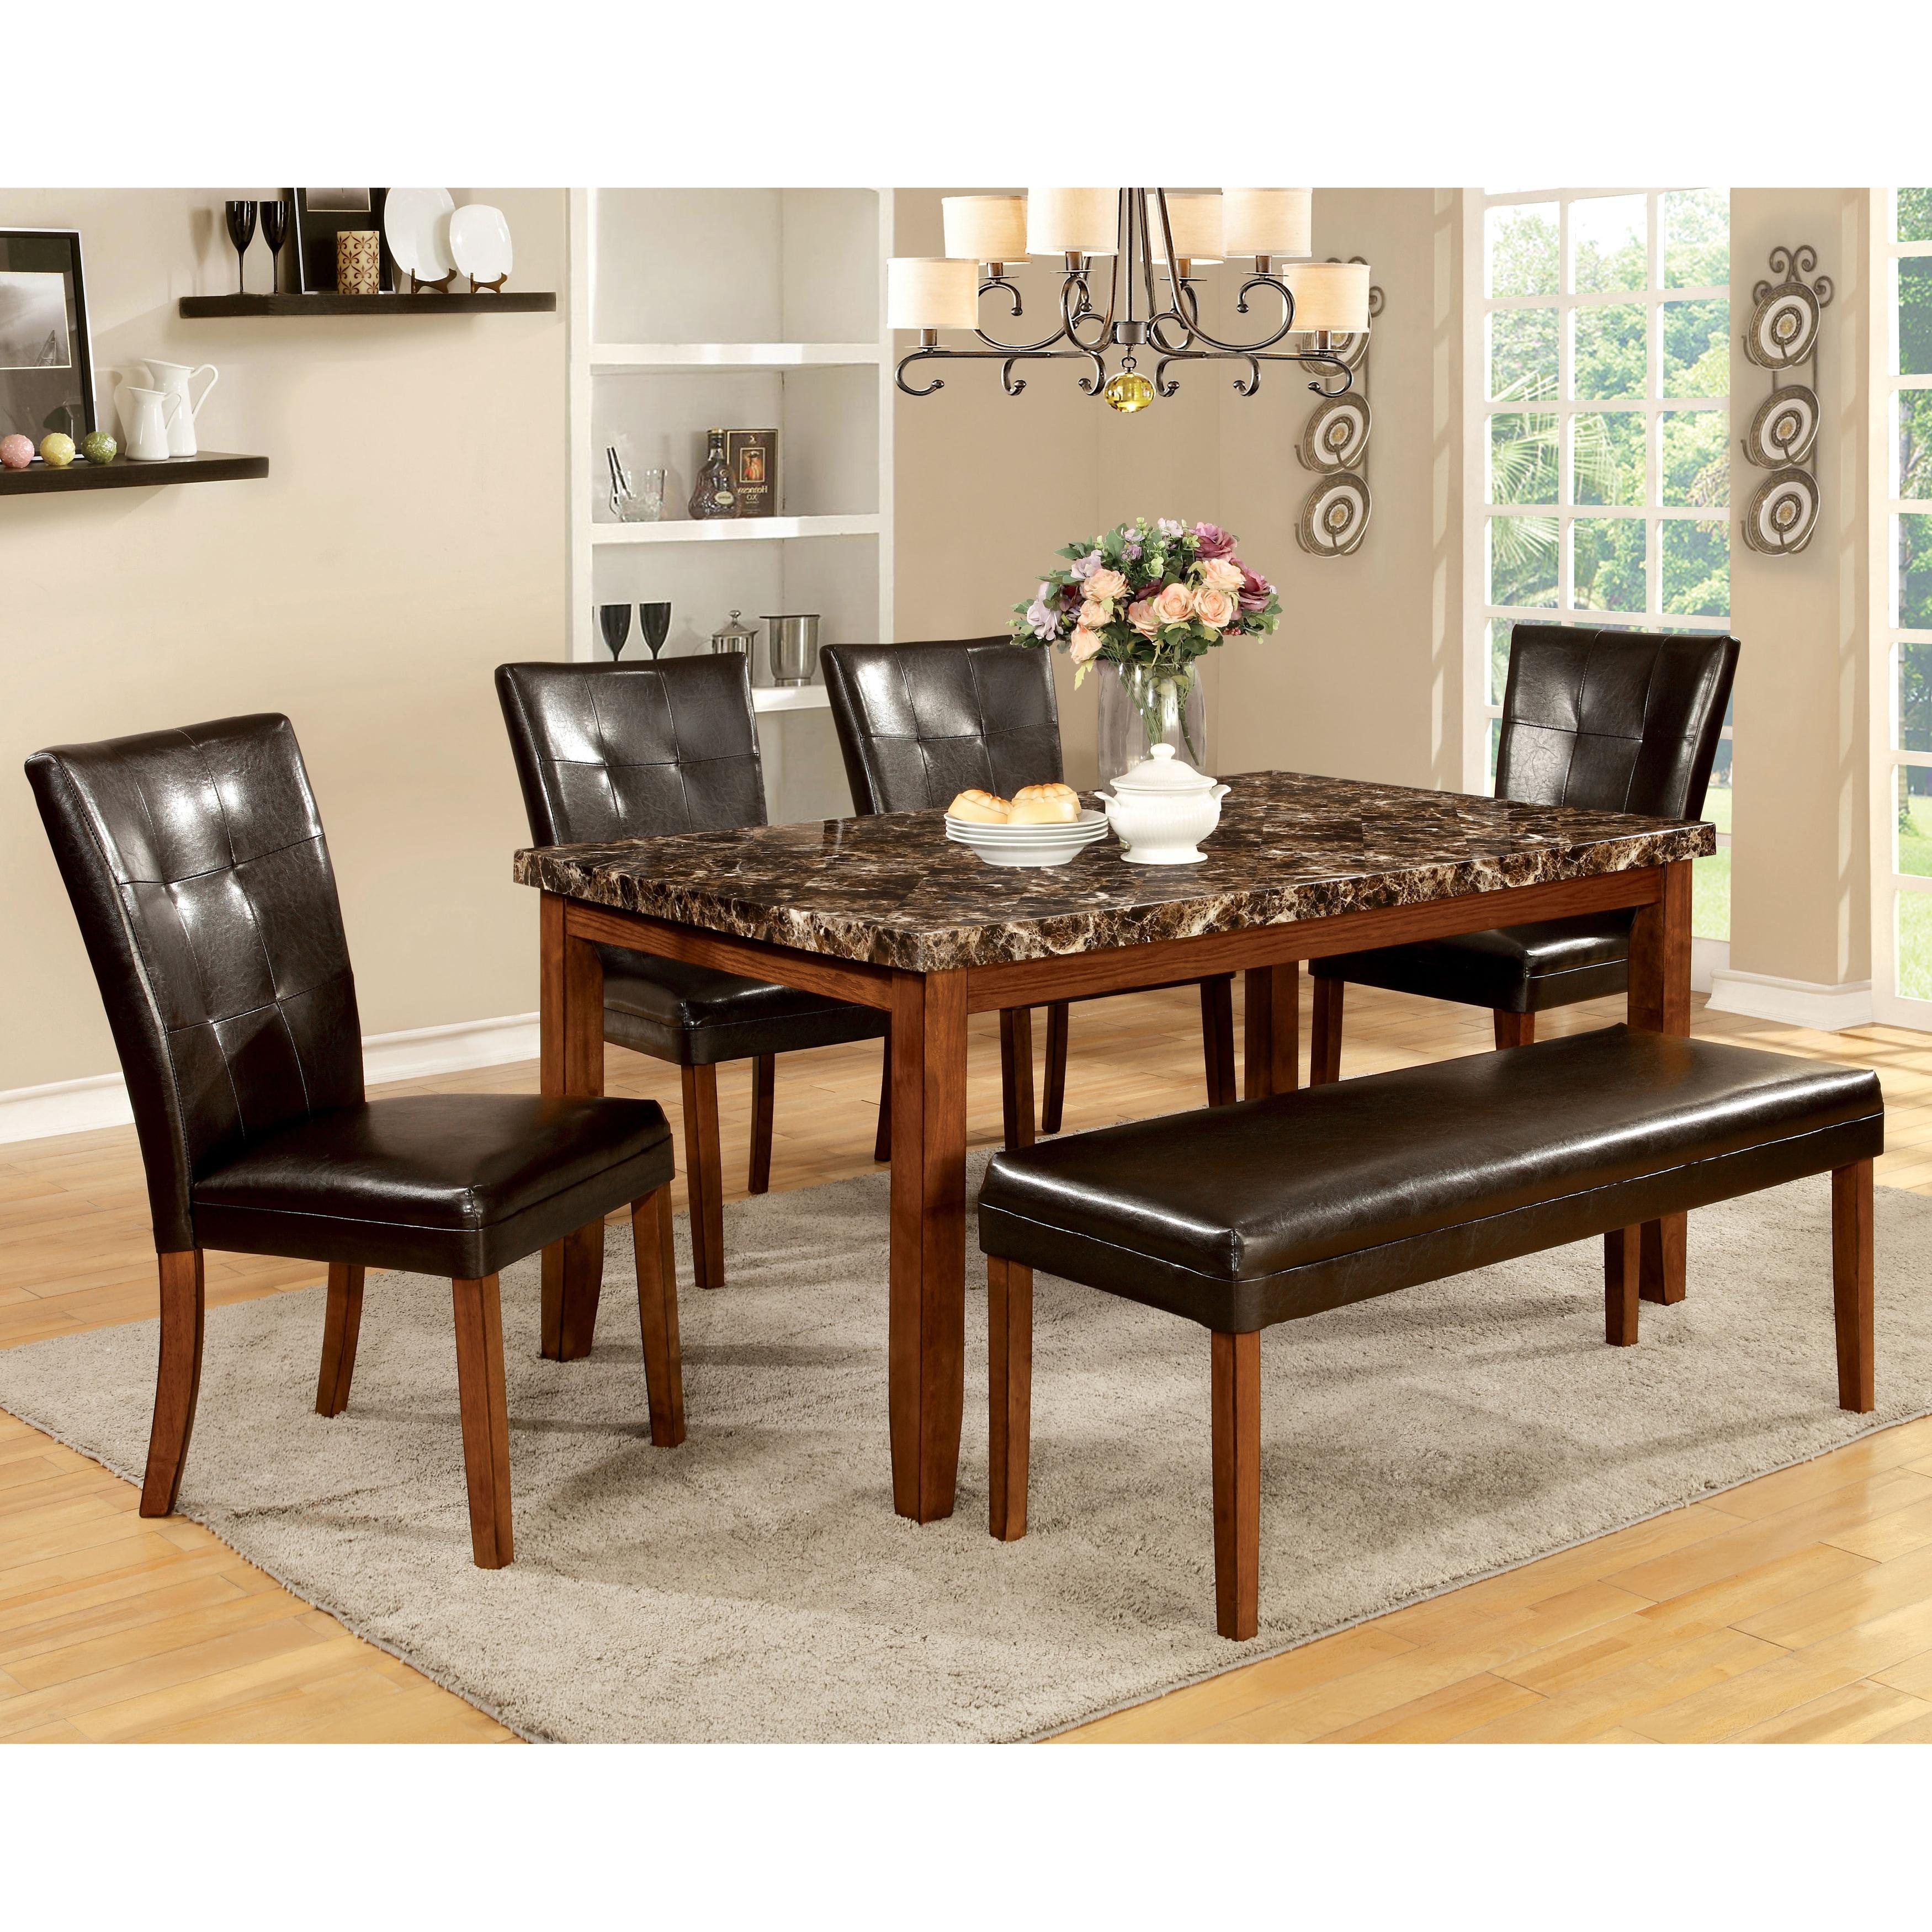 Furniture of America Hughfort 6 Piece Antique Oak